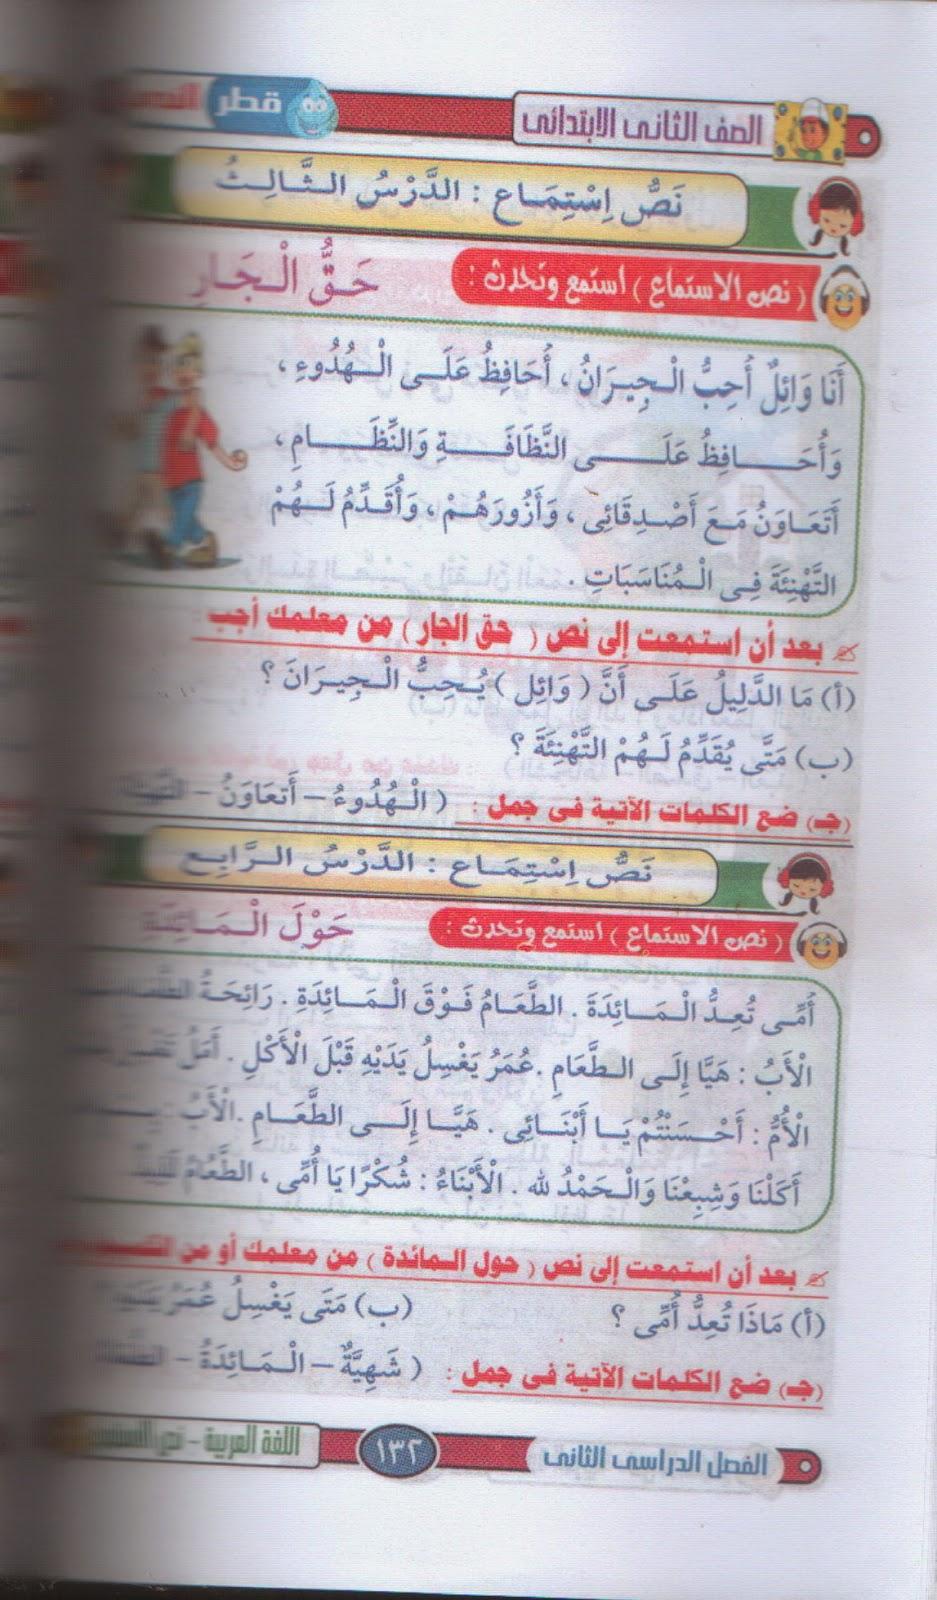 دروس اللغة العربية الكاملة الغير منهجية للصف الثانى الإبتدائى ترم ثانى 2015 3.jpg